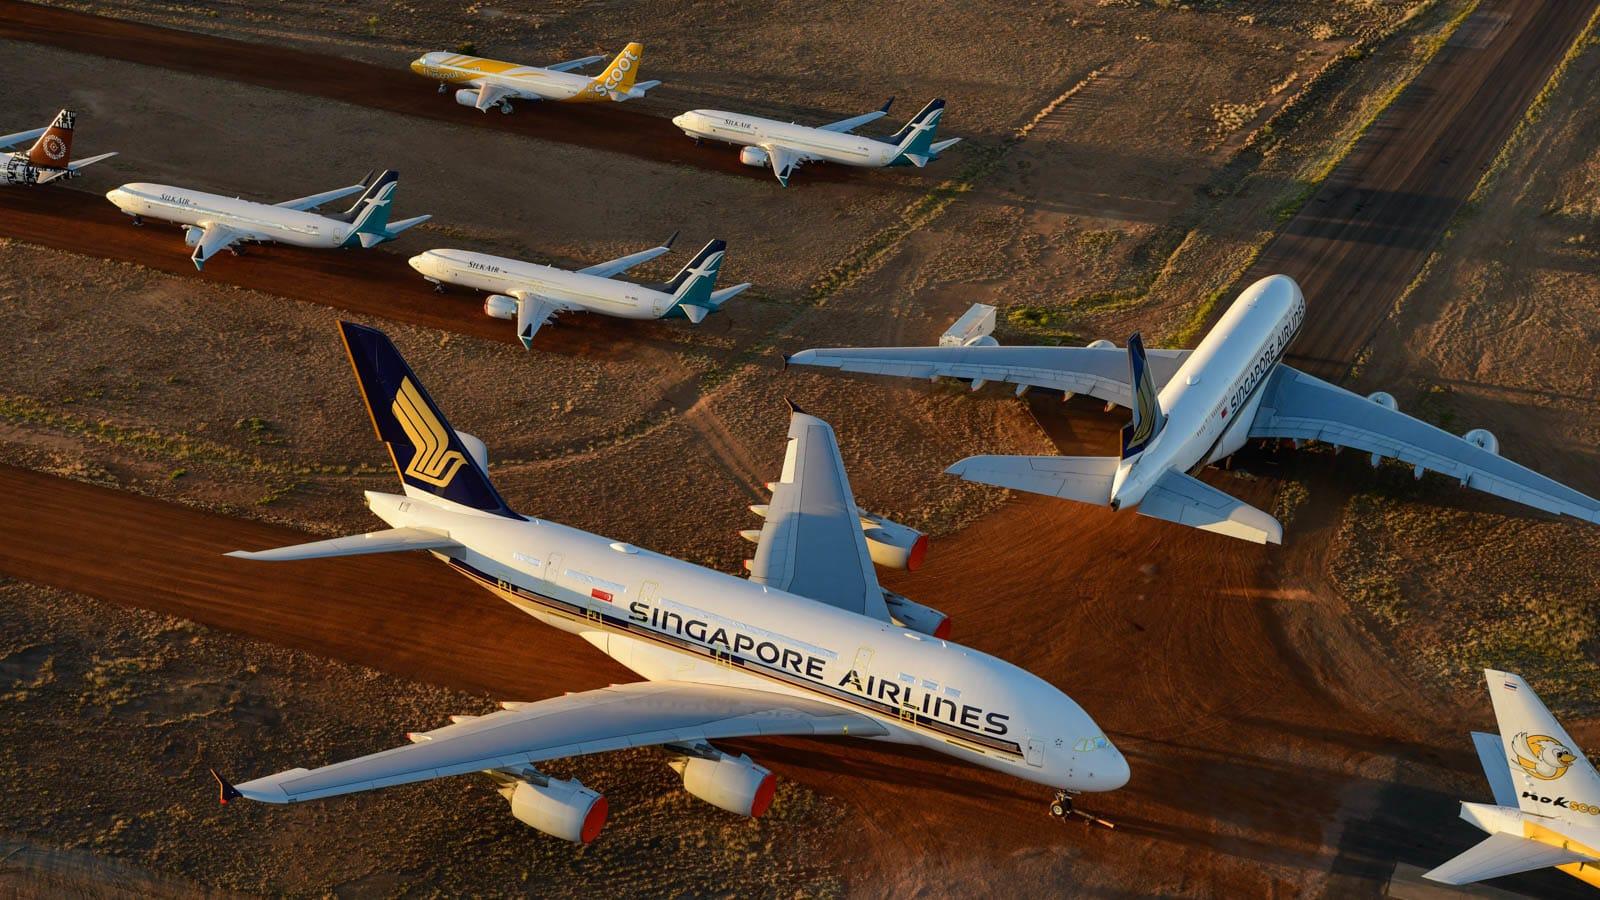 بعد توقفها لشهور بسبب جائحة كورونا.. كيف تستعد الطائرات لمعانقة السحاب من جديد؟